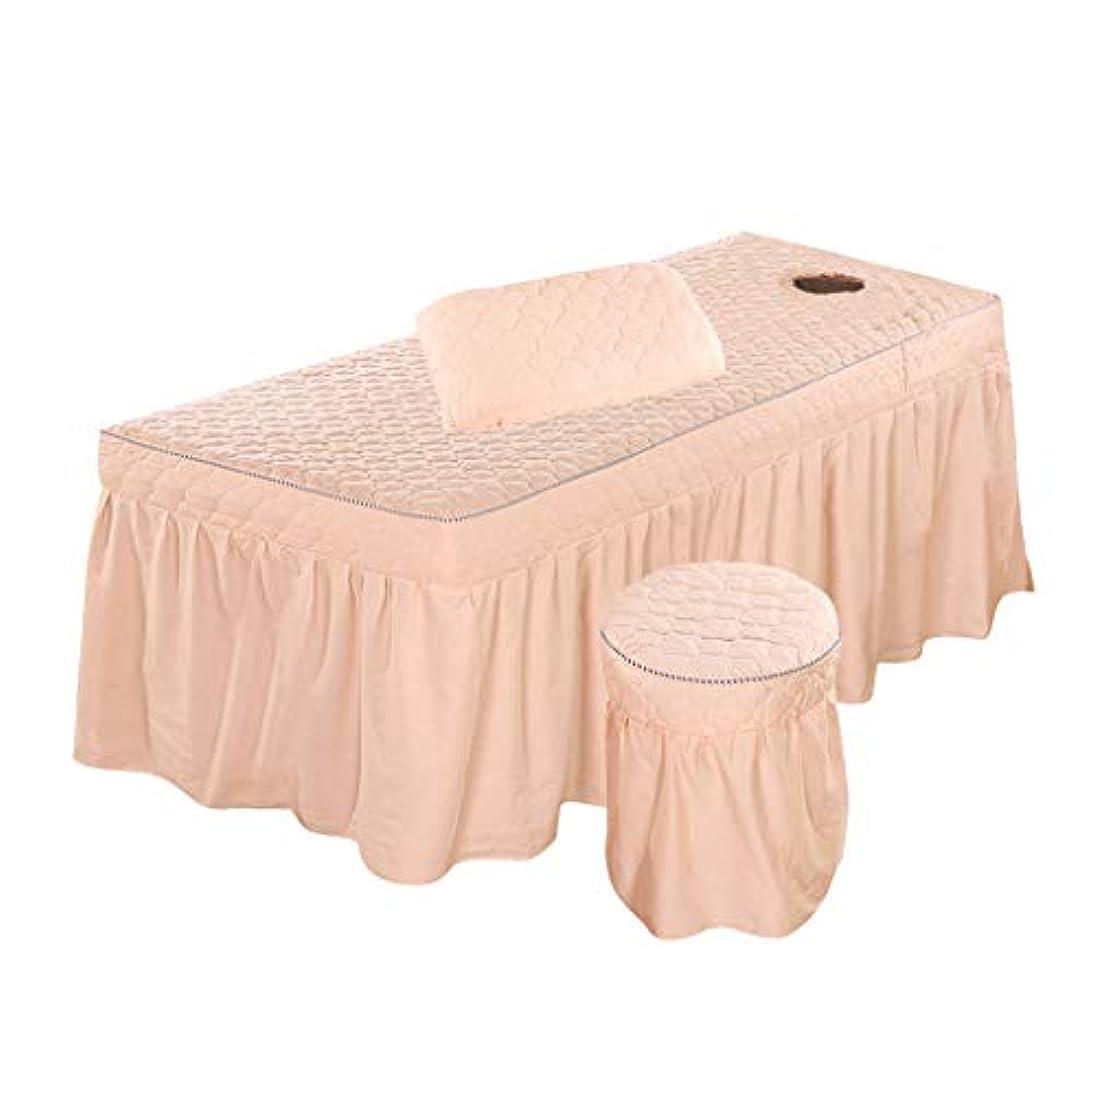 聴覚有効化到着マッサージベッドカバー 有孔 スツールカバー 枕カバー 快適 3個/セット - ライトピンク